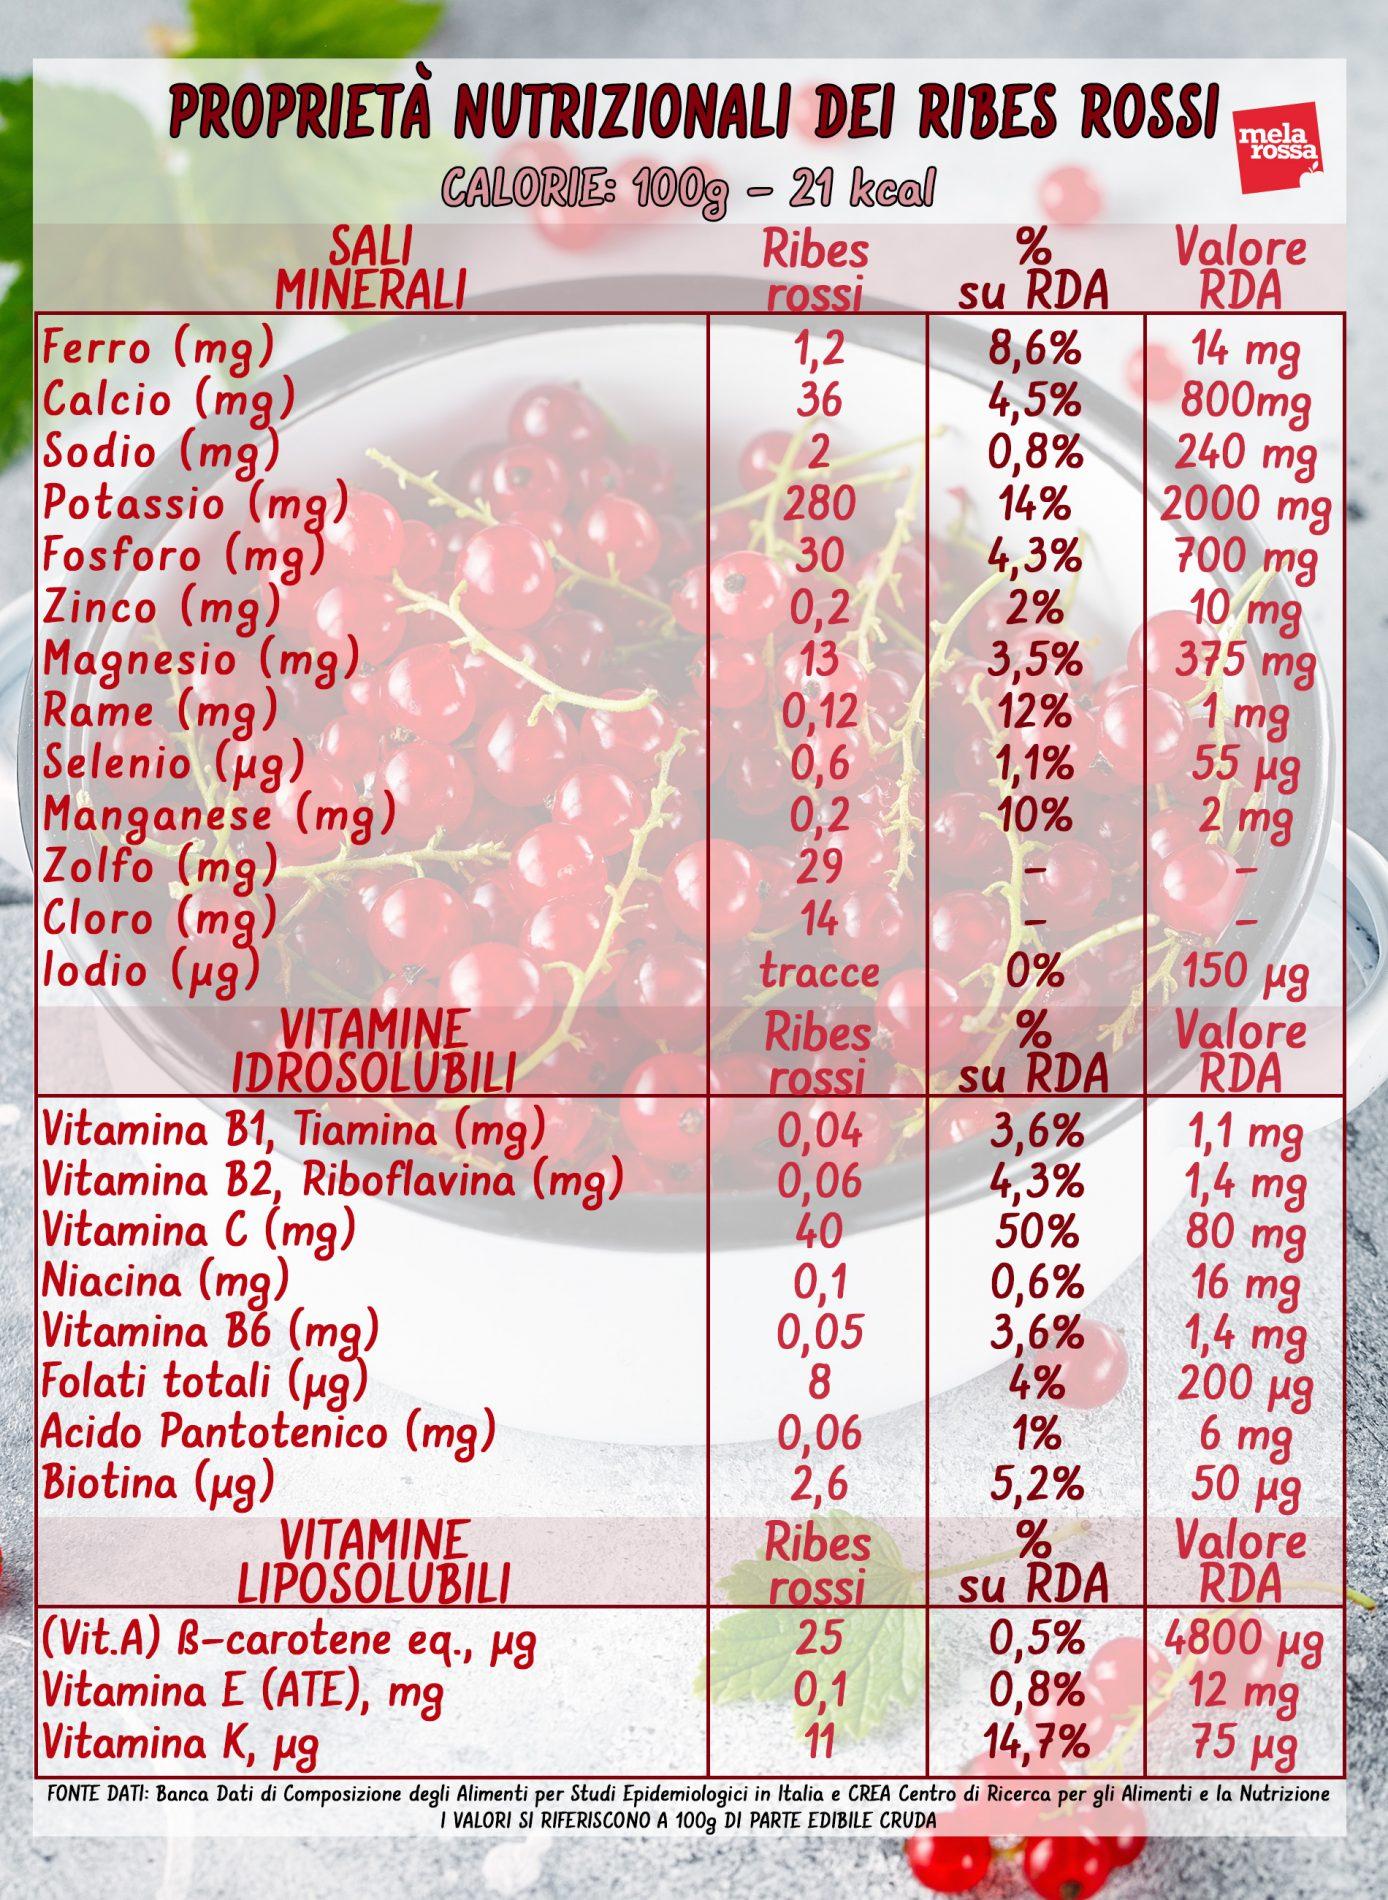 valori nutrizionali del ribes rosso